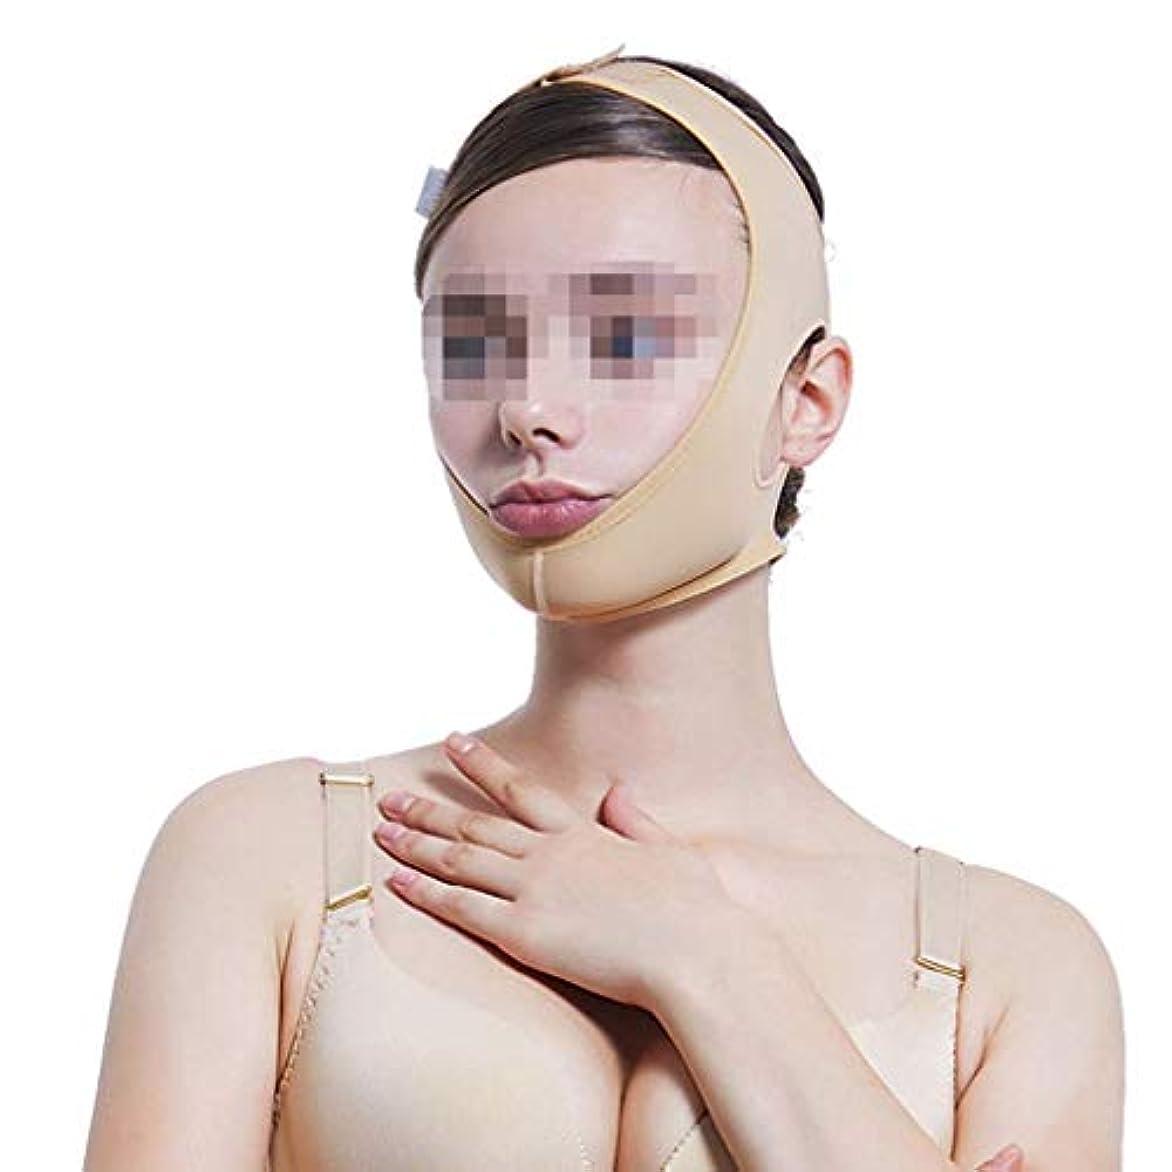 動力学リズミカルなコーンビームフェイス弾性ヘッドギア、ダブルあごのあごのセットをマスクの後に線彫り薄いフェイス包帯マルチサイズオプション(サイズ:XS),L